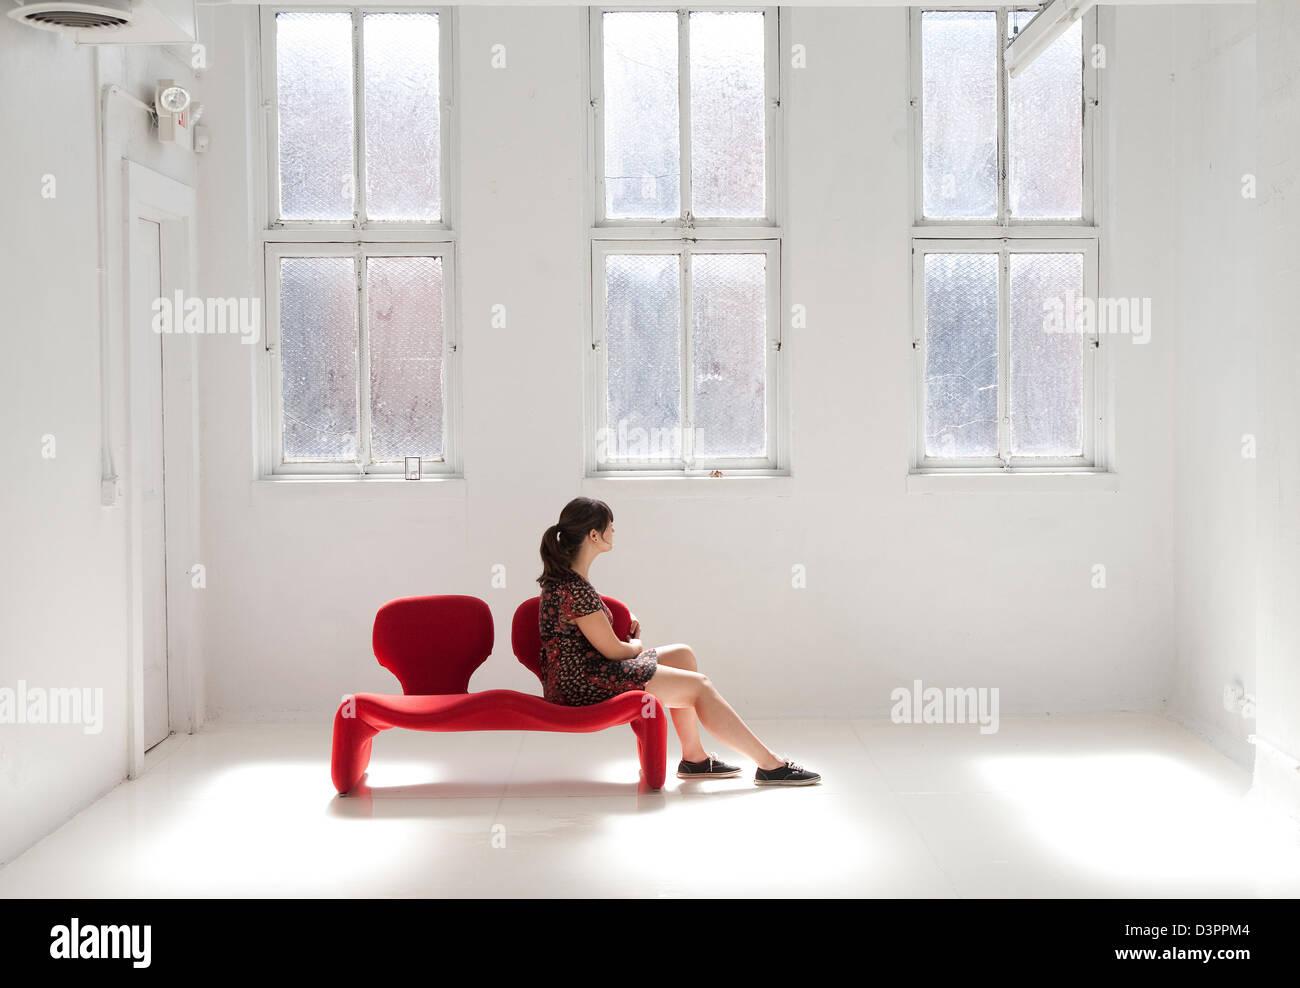 Chica sentada en una habitación vacía con un sofá rojo Imagen De Stock